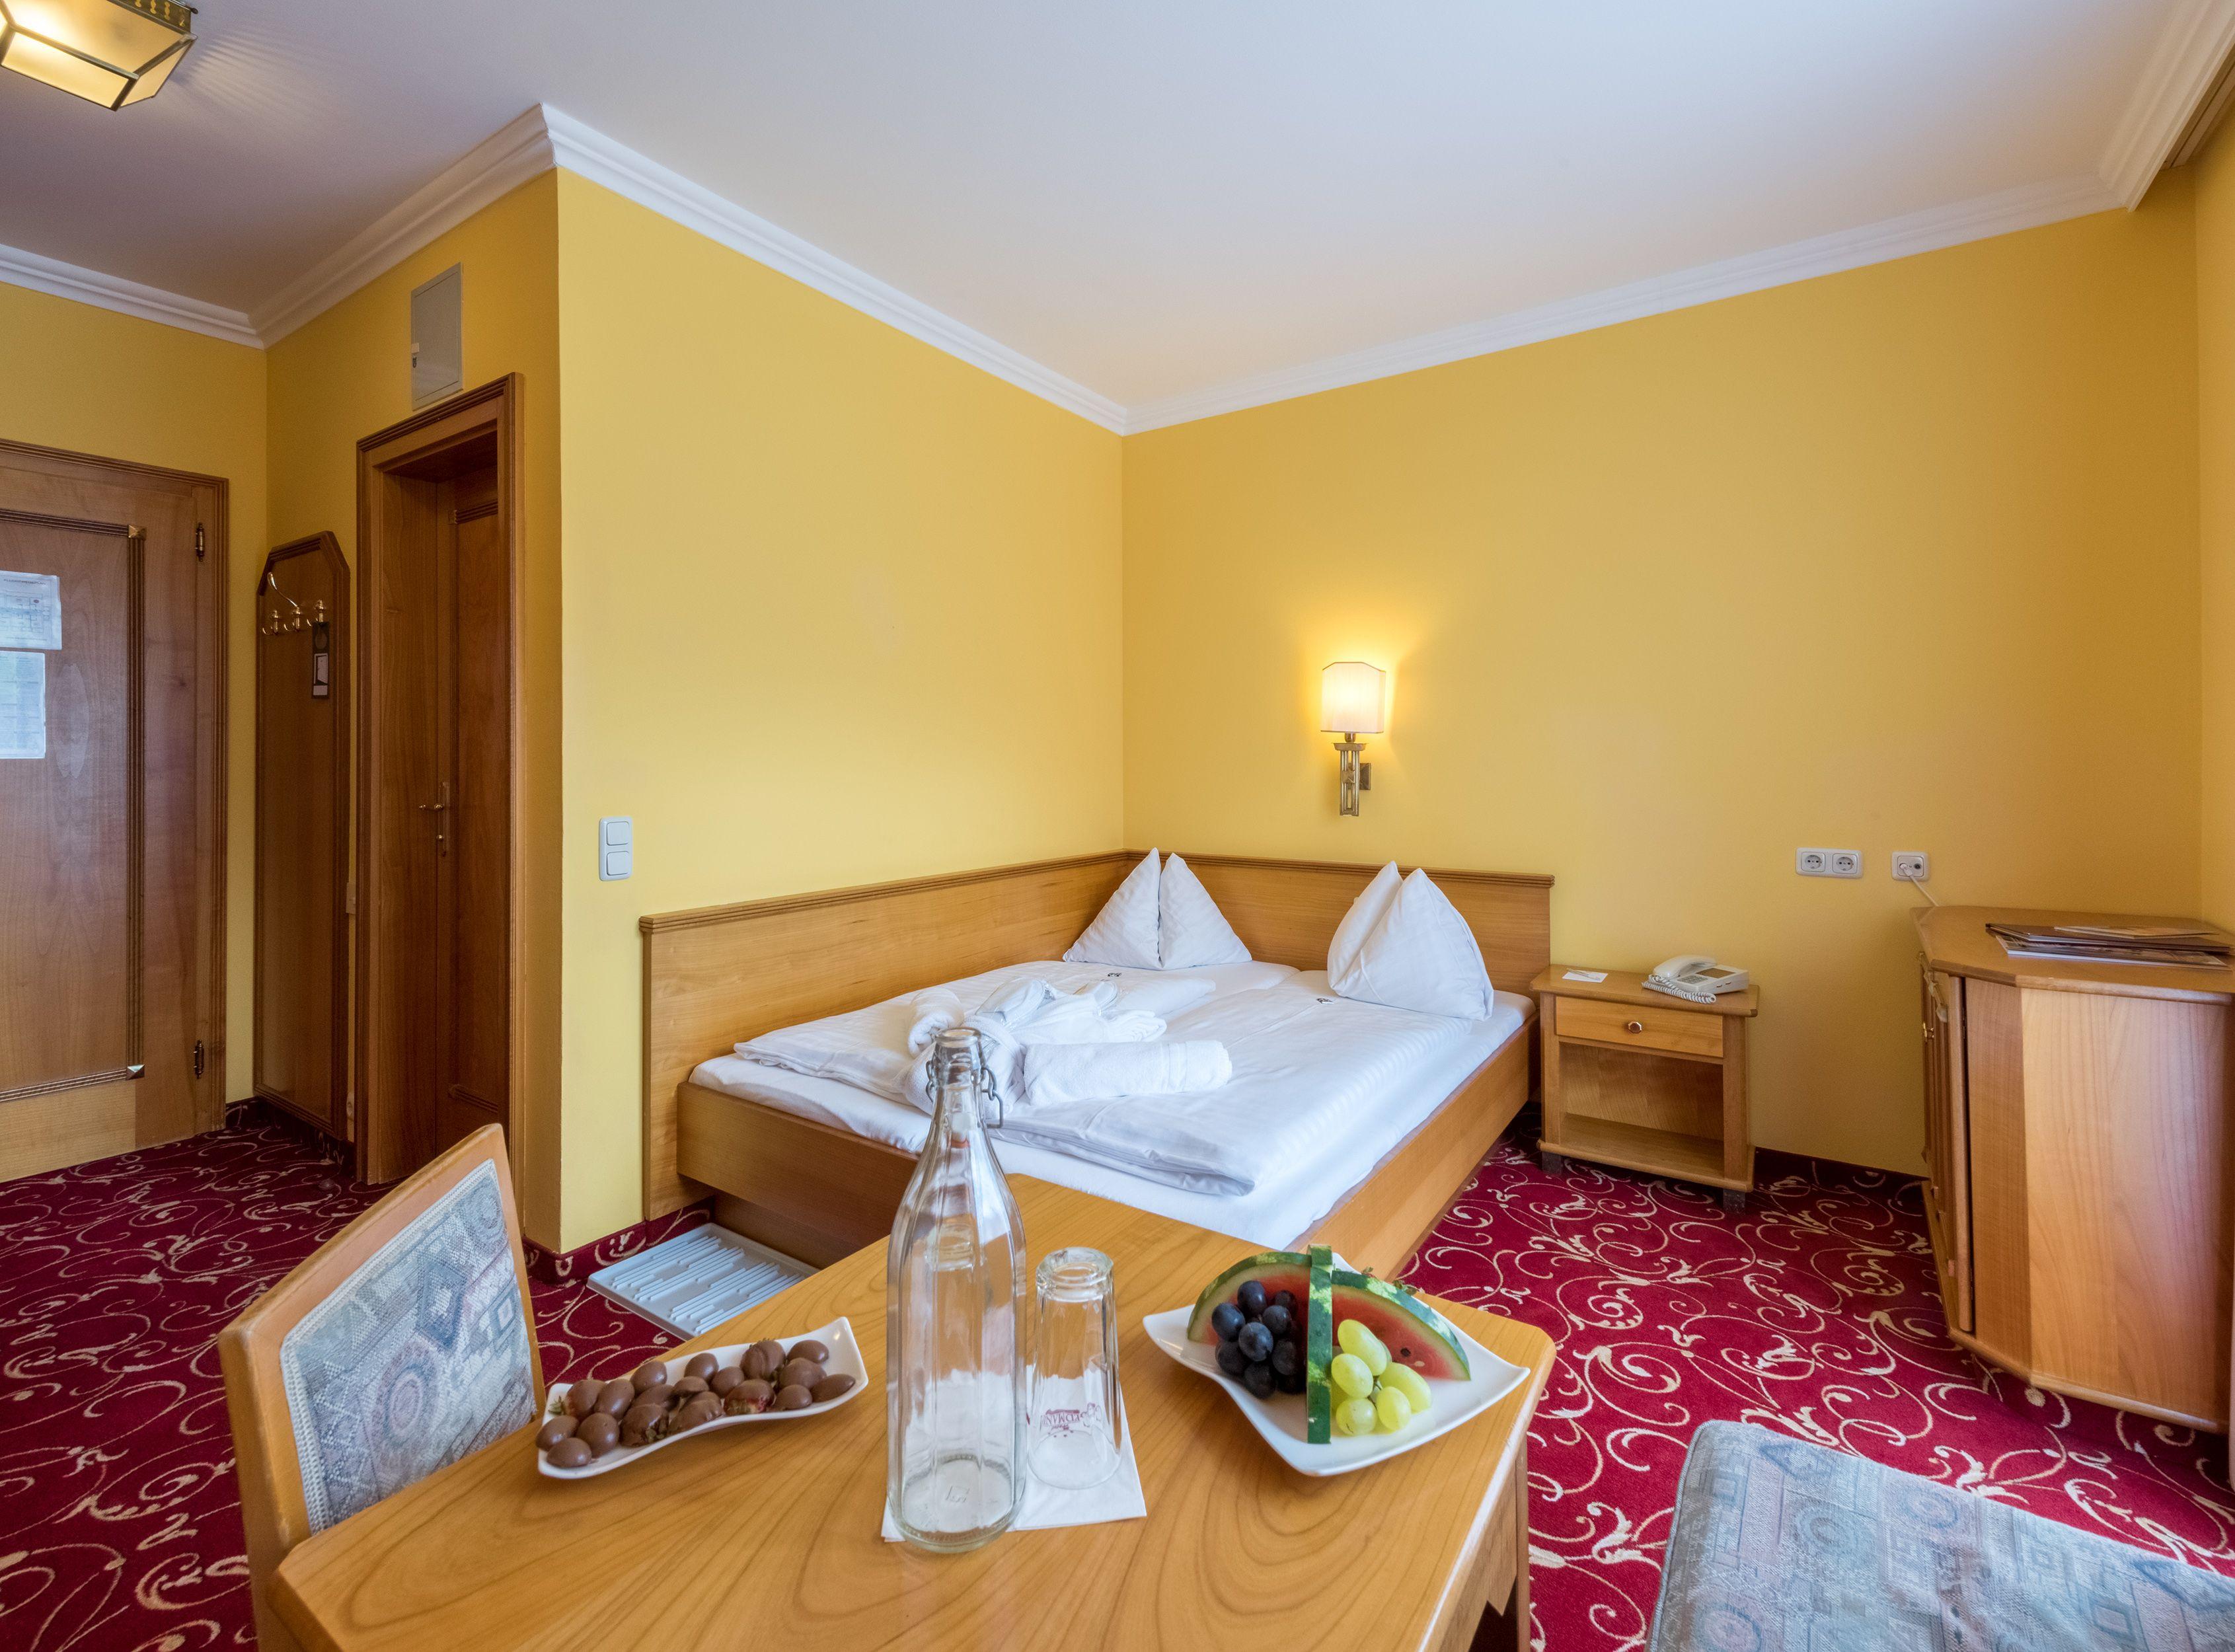 Ca. 21m² - Gemütliche Doppelzimmer mit Grand-lit-Bett (1,60m x 2m ...